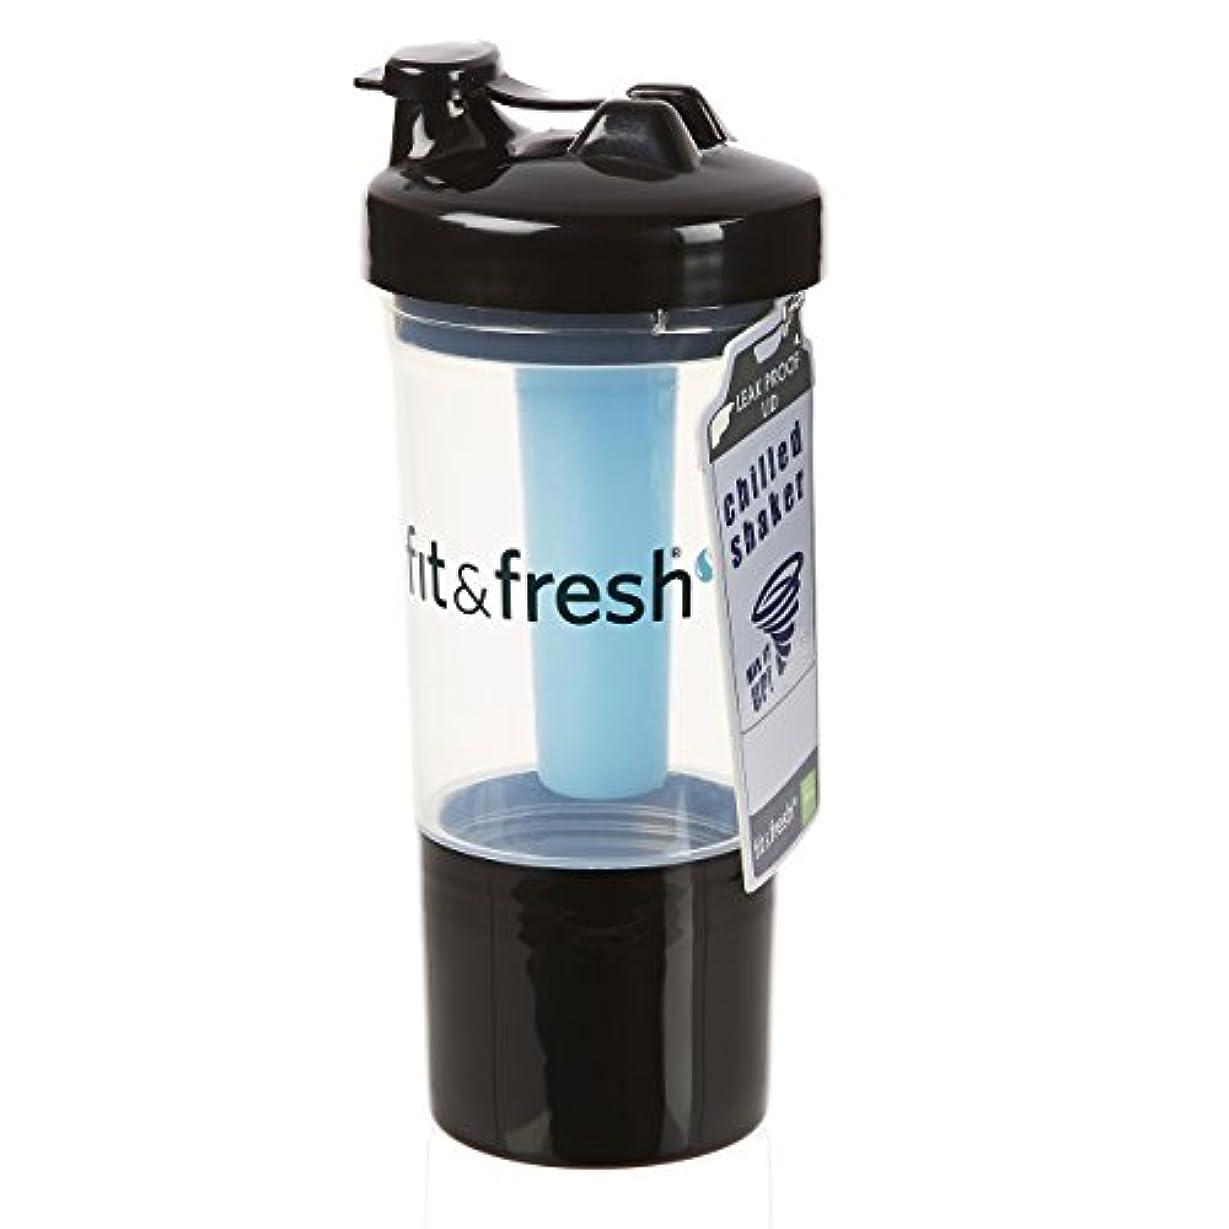 マトンパーセント移住するFit & Fresh, CleanTek, Shaker Cup with Ice Wand Agitator & Storage Cup, 1 Cup